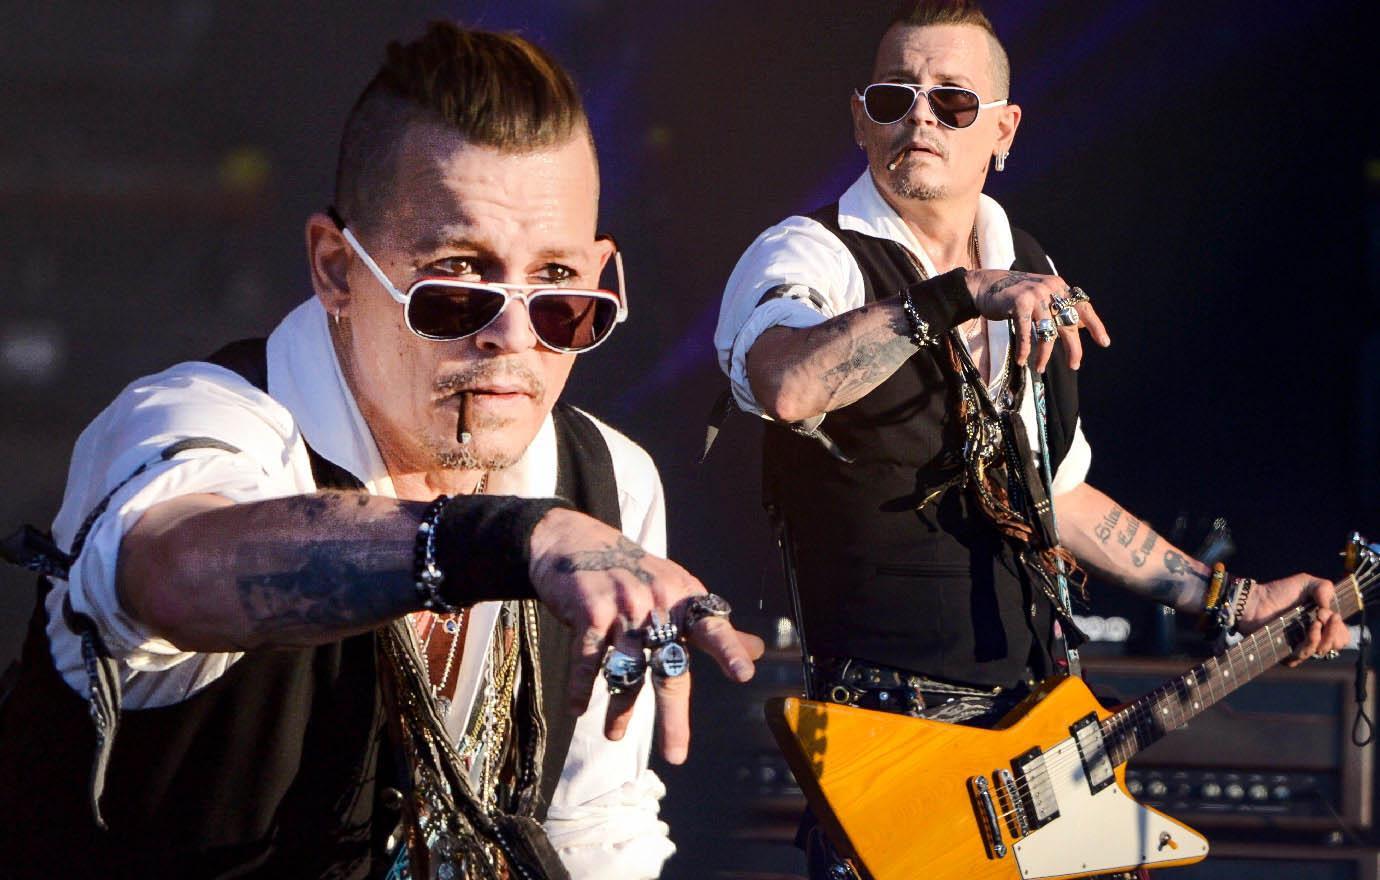 Johnny Depp Performs After Booze Bender Revelations